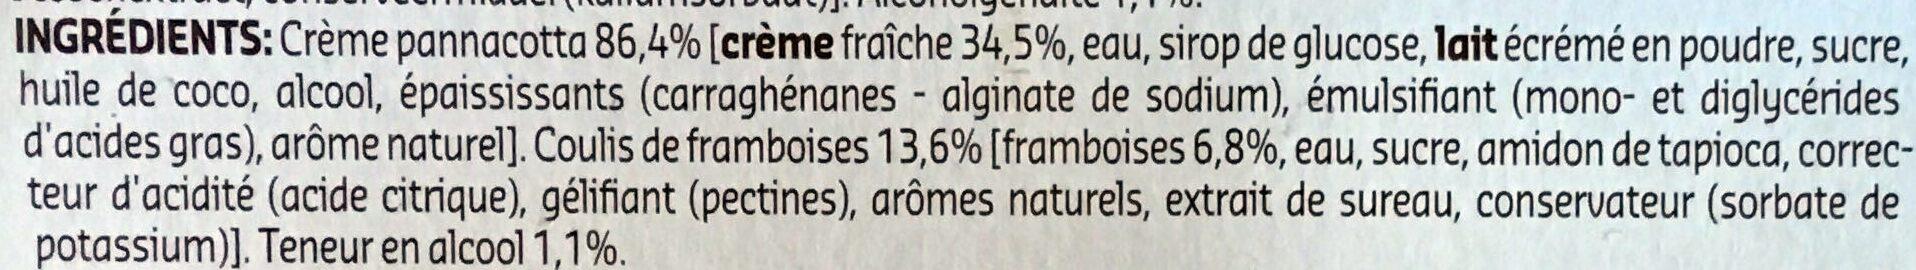 Panna cota - Ingredients - fr